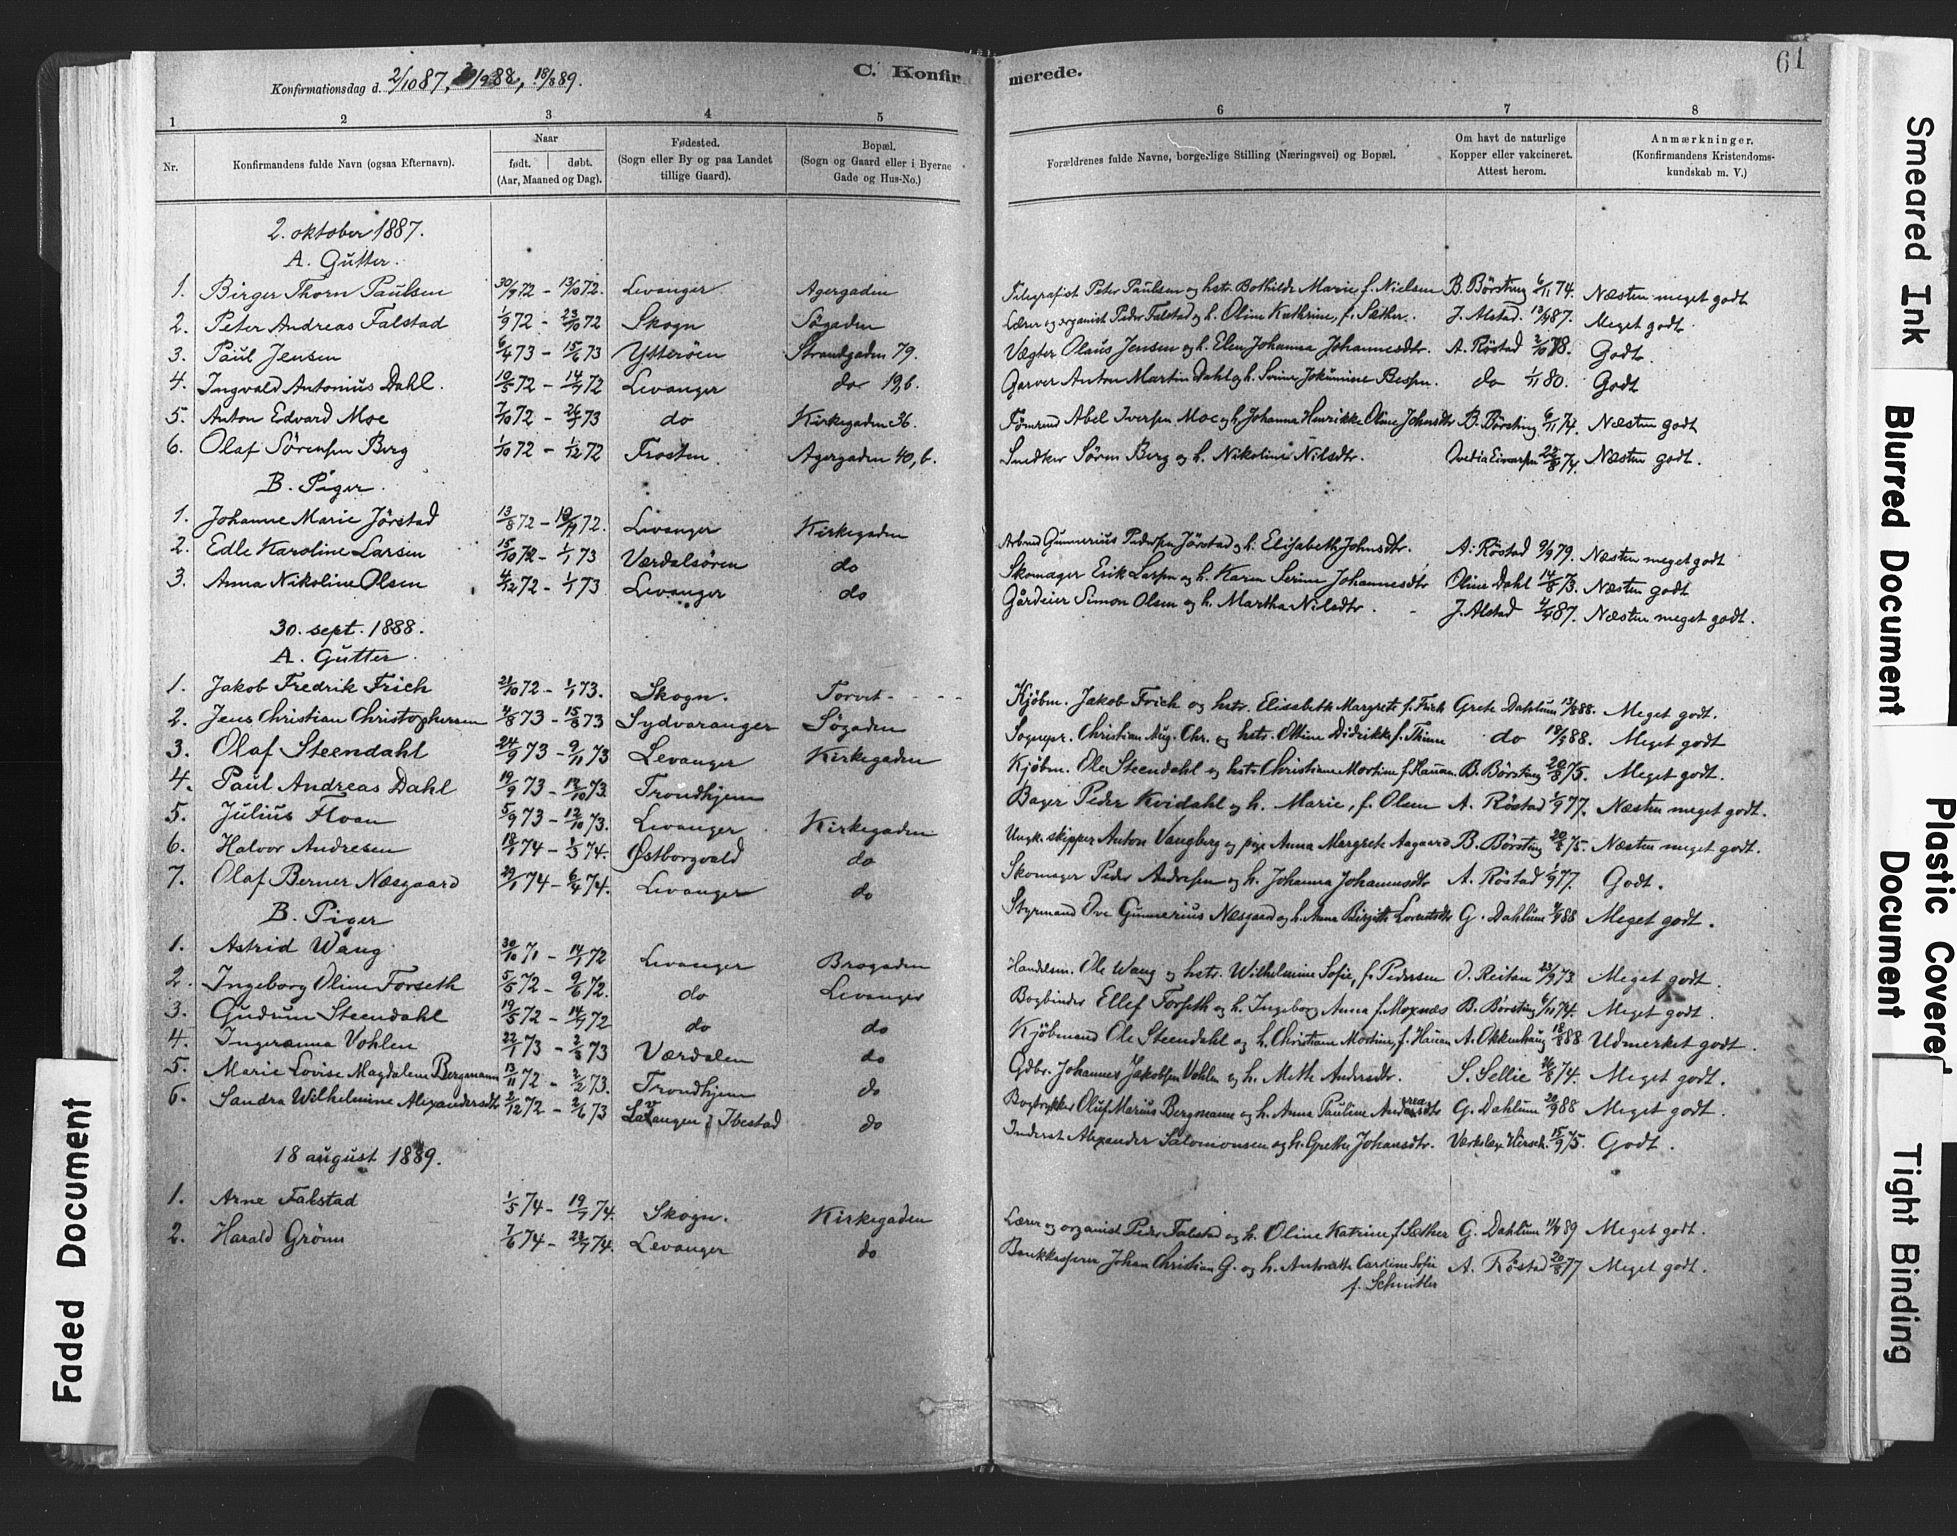 SAT, Ministerialprotokoller, klokkerbøker og fødselsregistre - Nord-Trøndelag, 720/L0189: Ministerialbok nr. 720A05, 1880-1911, s. 61